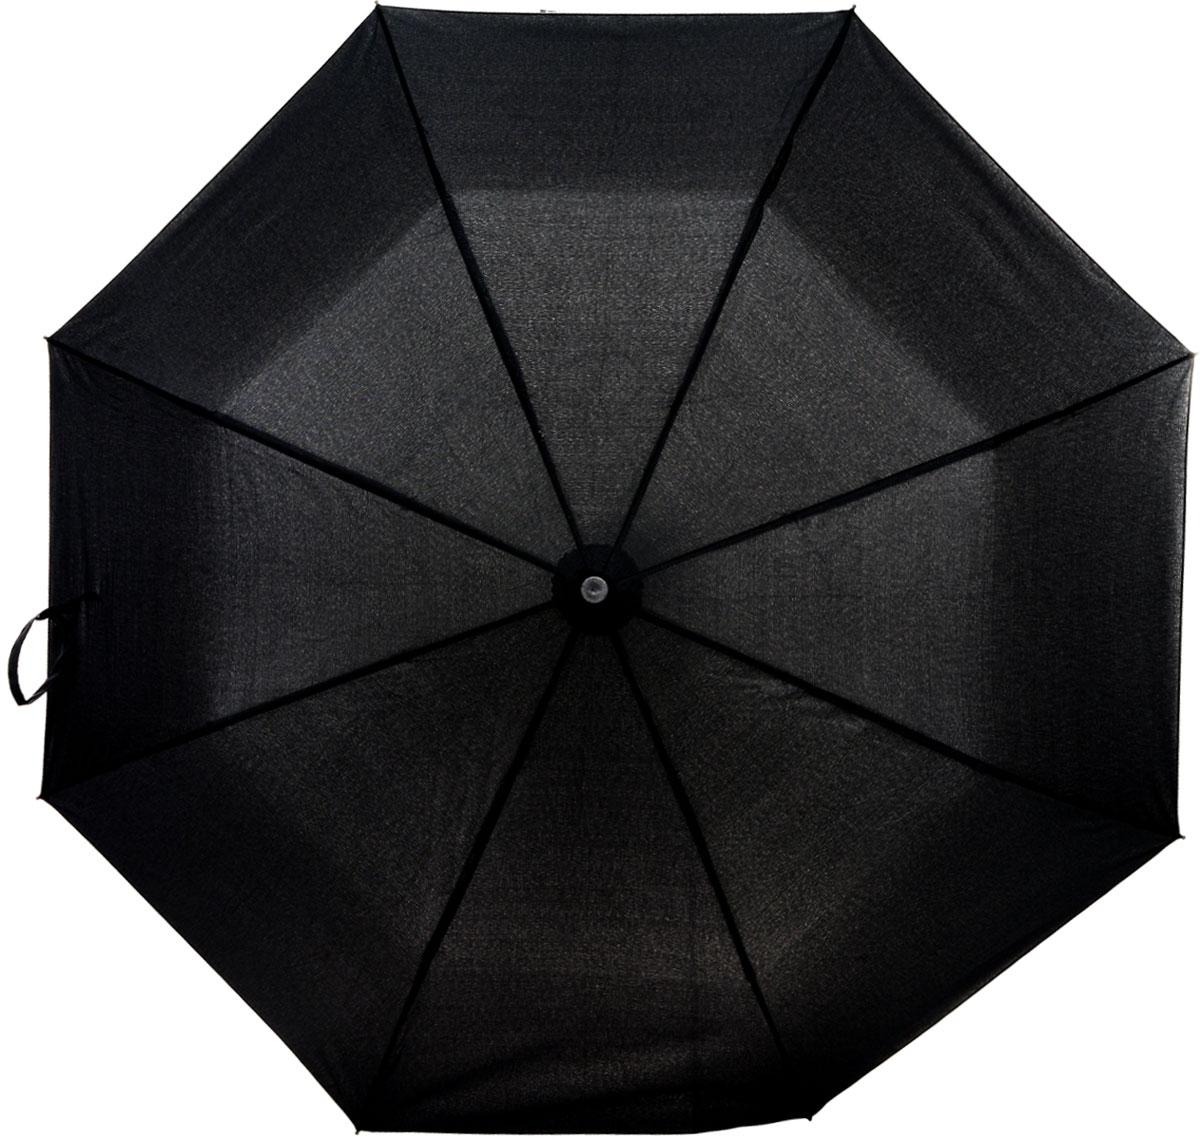 Зонт мужской Эврика, цвет: темно-серый. 97467Брошь-кулонЛюбимый зонт теперь в новом, складном формате, удобном для переноски и хранения даже в маленькой сумке. Полуавтоматический зонт тройного сложения имеет декоративную ручку, имитирующую рукоять самурайского меча. Вам будет не страшно сразиться с любым ненастьем! Качественный материал купола с водоотталкивающей пропиткой спасёт от ливня, а крепкие спицы не поддадутся упрямому ветру.